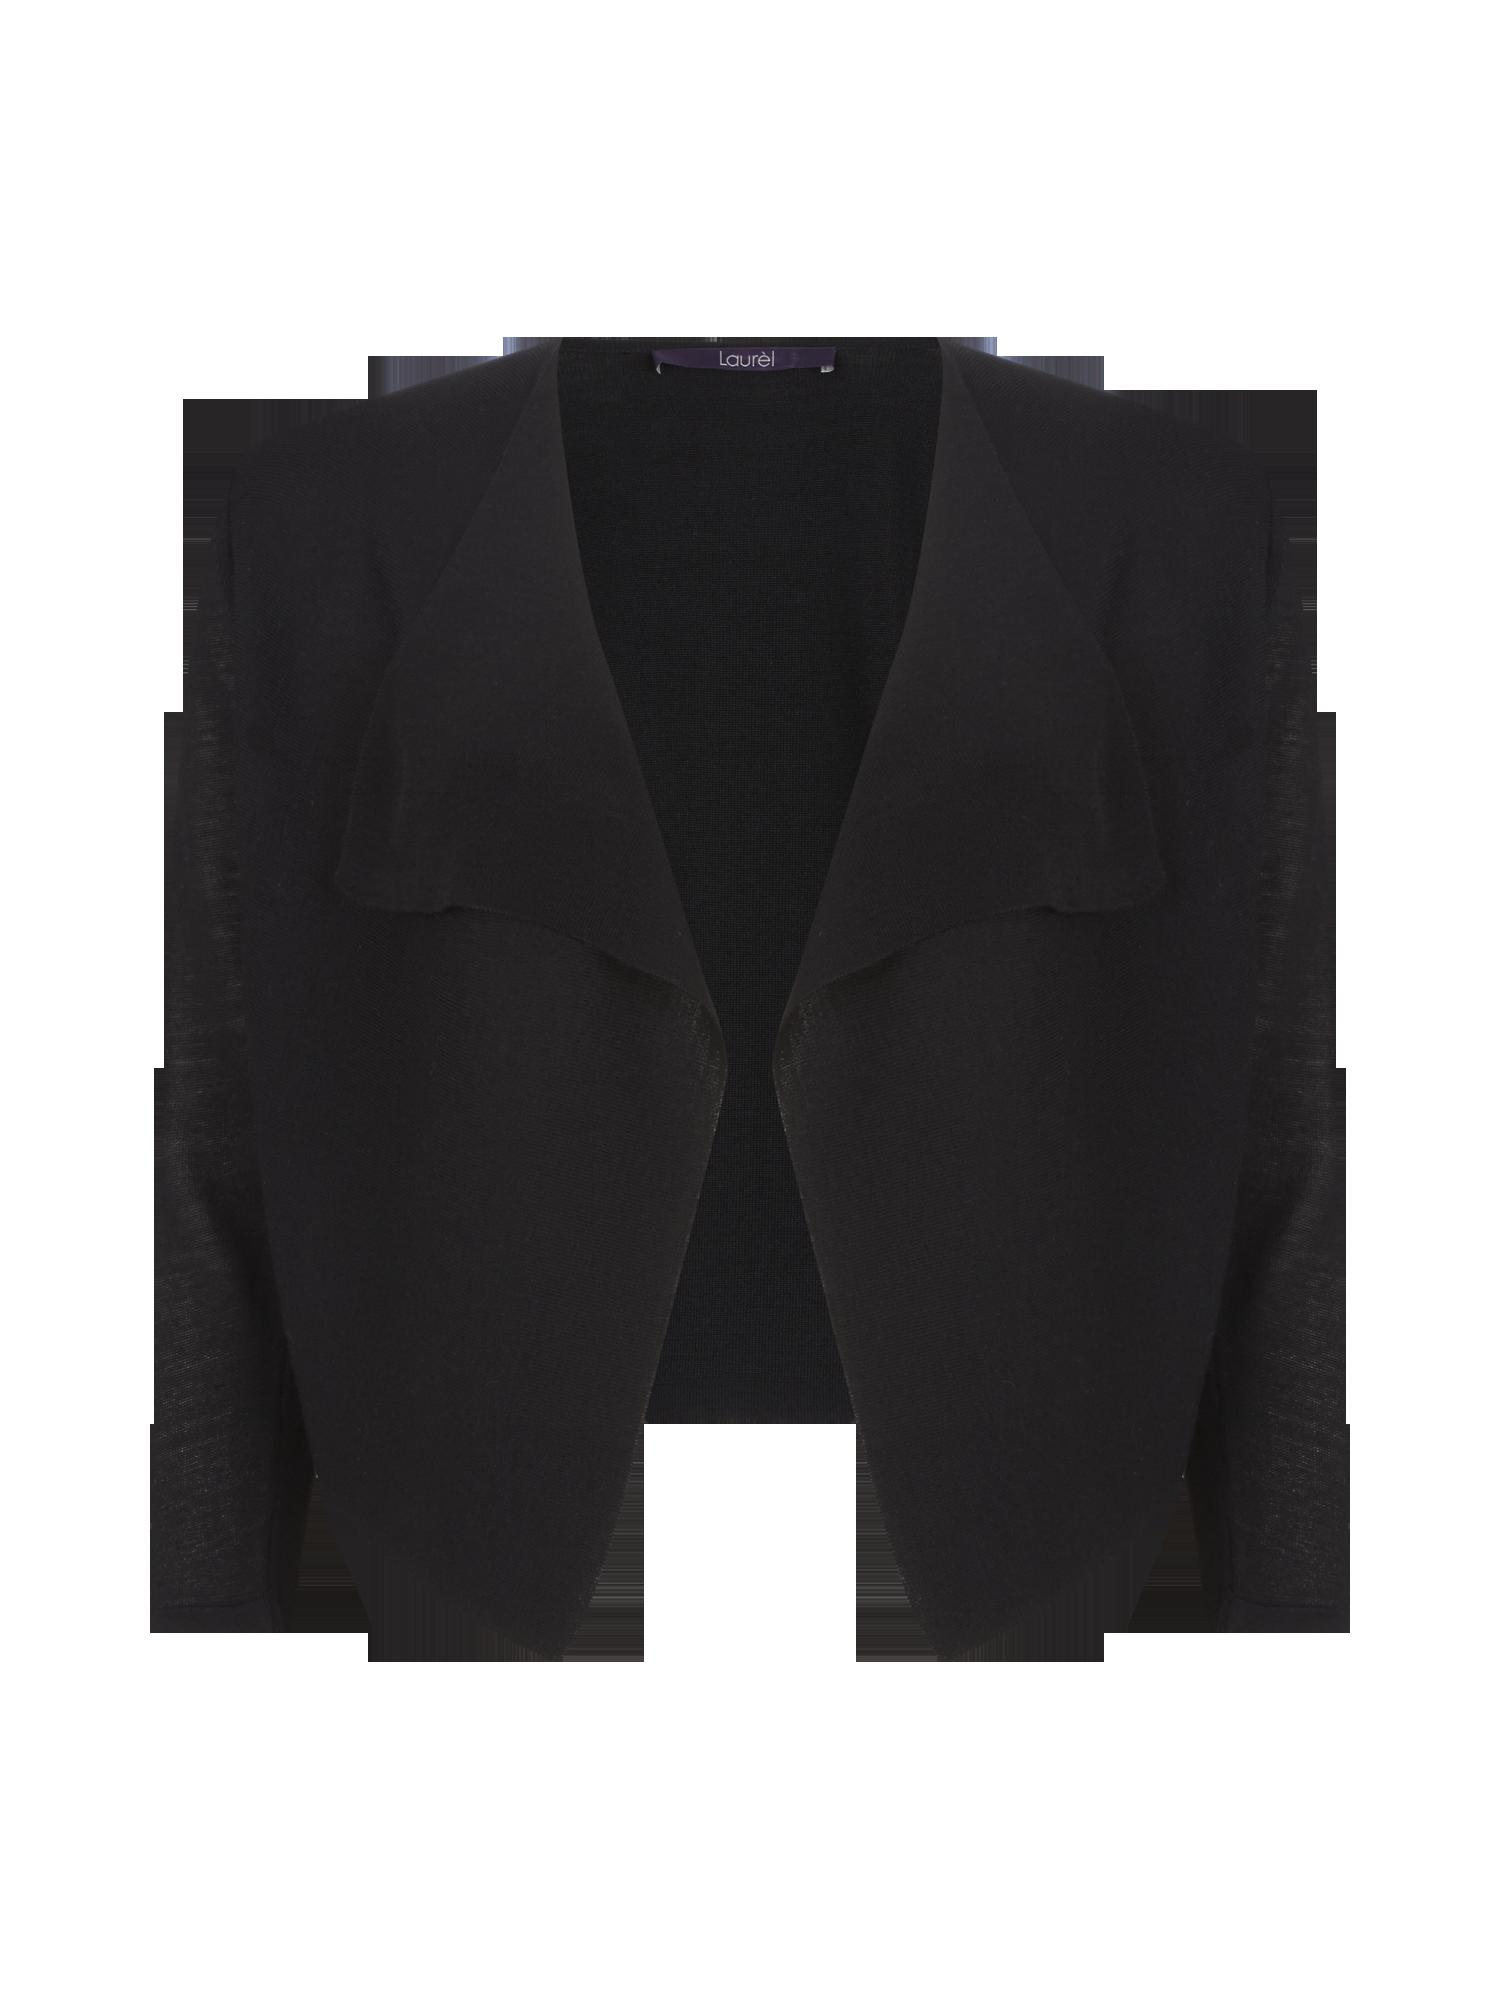 cd215475226e72 Kleid mit Jacke online kaufen ▷ P&C Online Shop